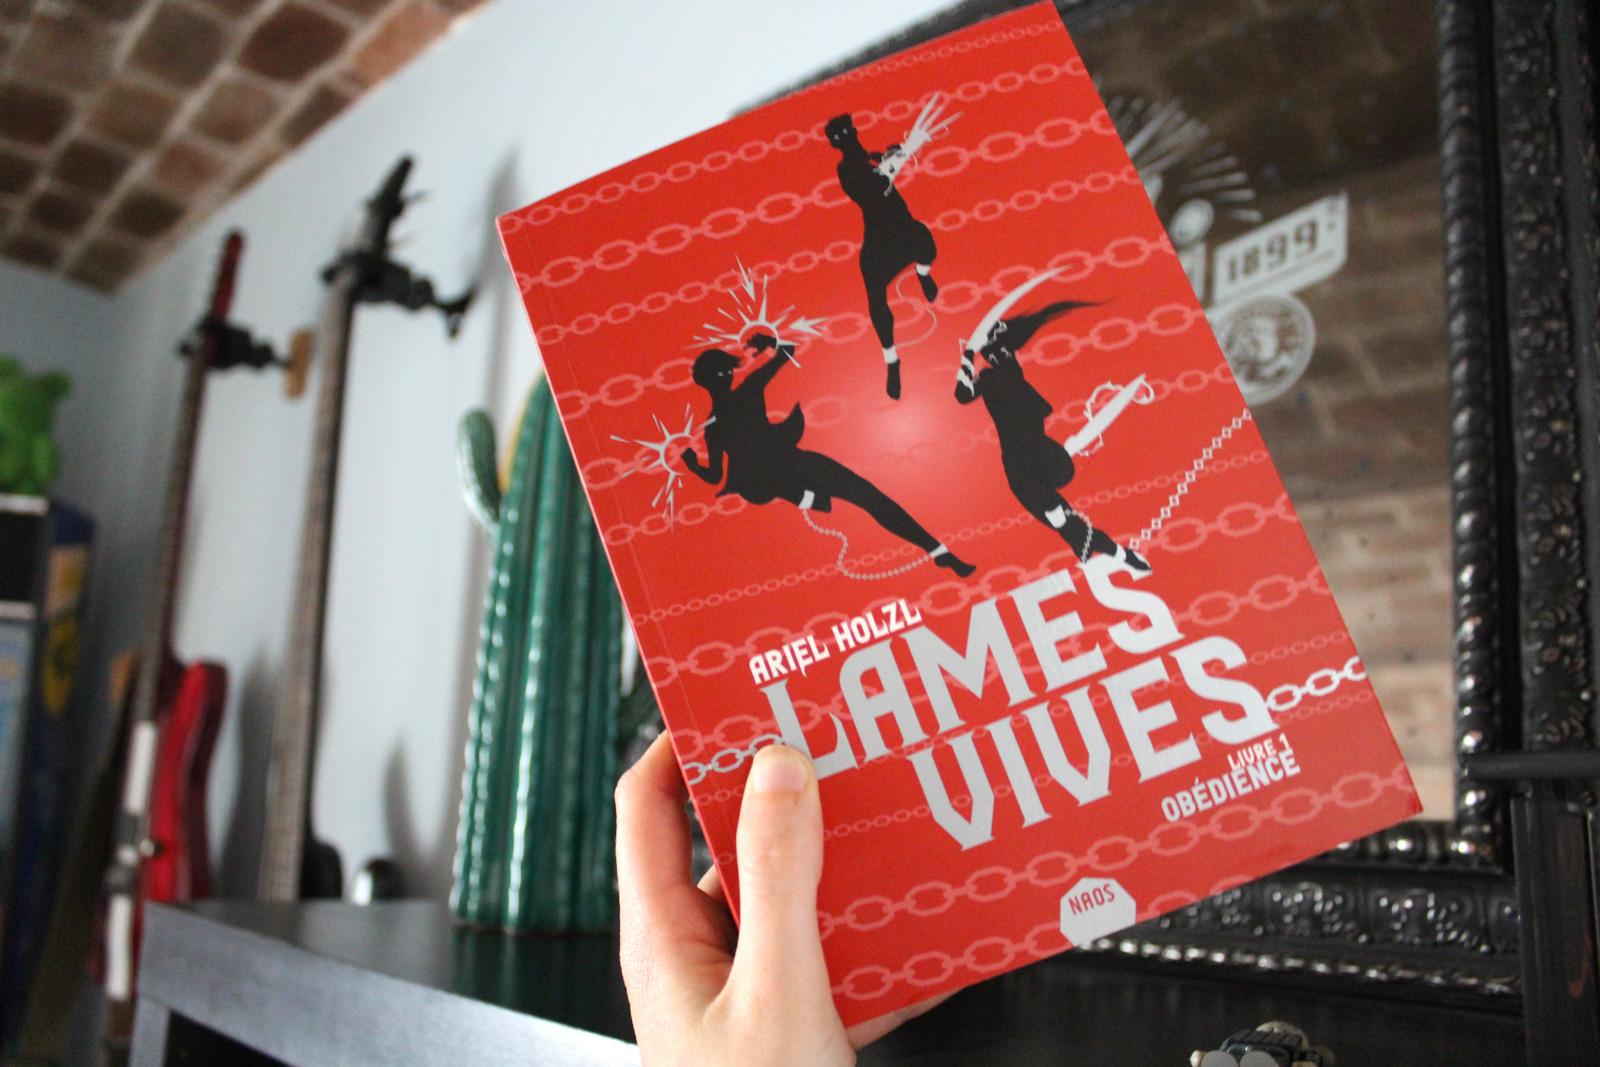 Lames Vives, une fantaisie orientale signée Ariel Holzl